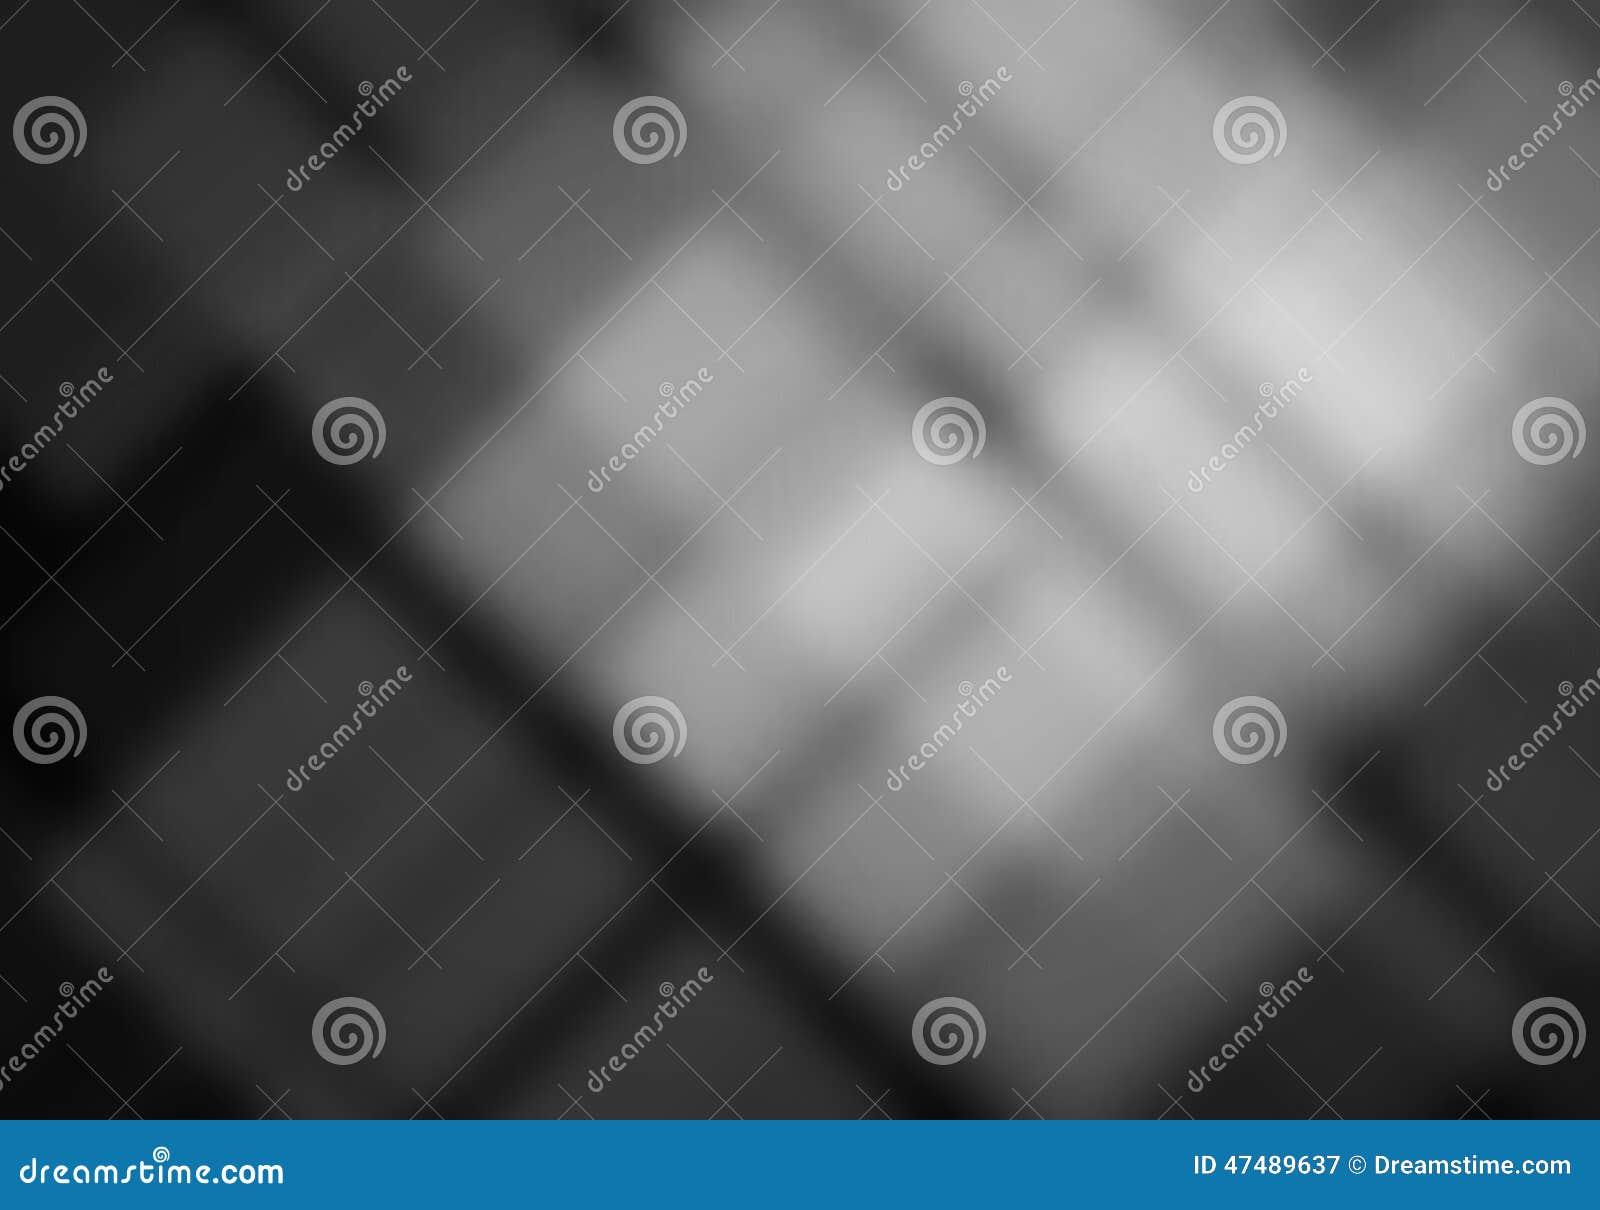 Αφηρημένα άσπρα μουτζουρωμένα τετράγωνα